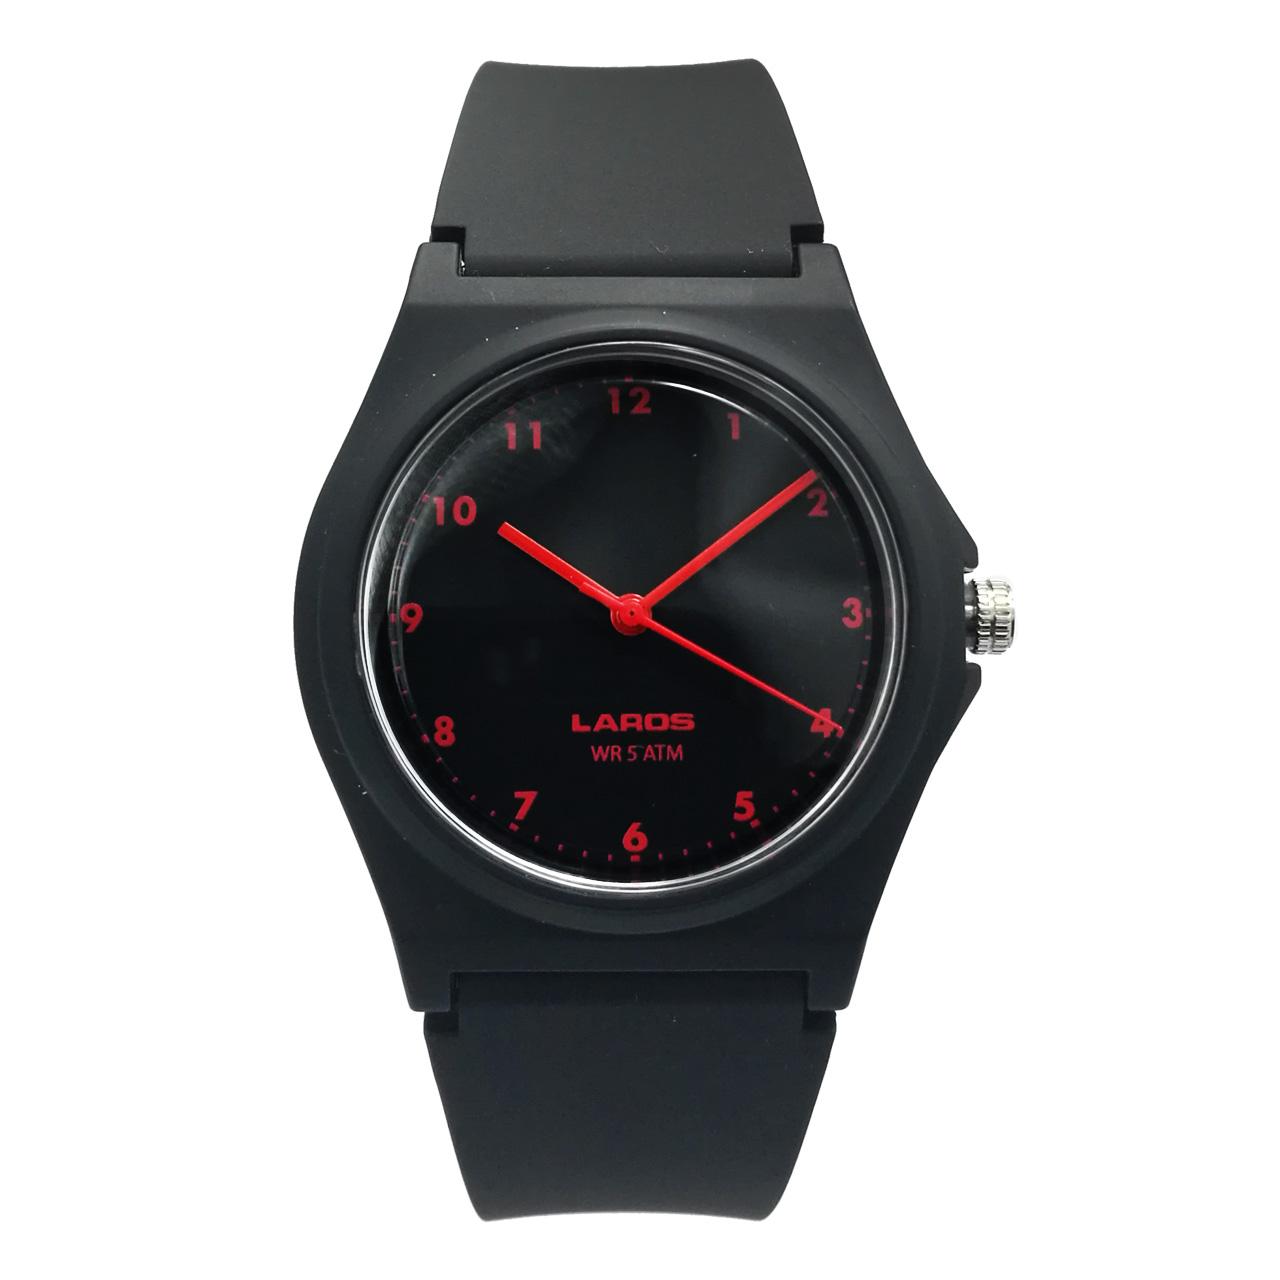 ساعت مچی عقربه ای لاروس مدل ۱۱۱۷-aq103 به همراه دستمال مخصوص برند کلین واچ